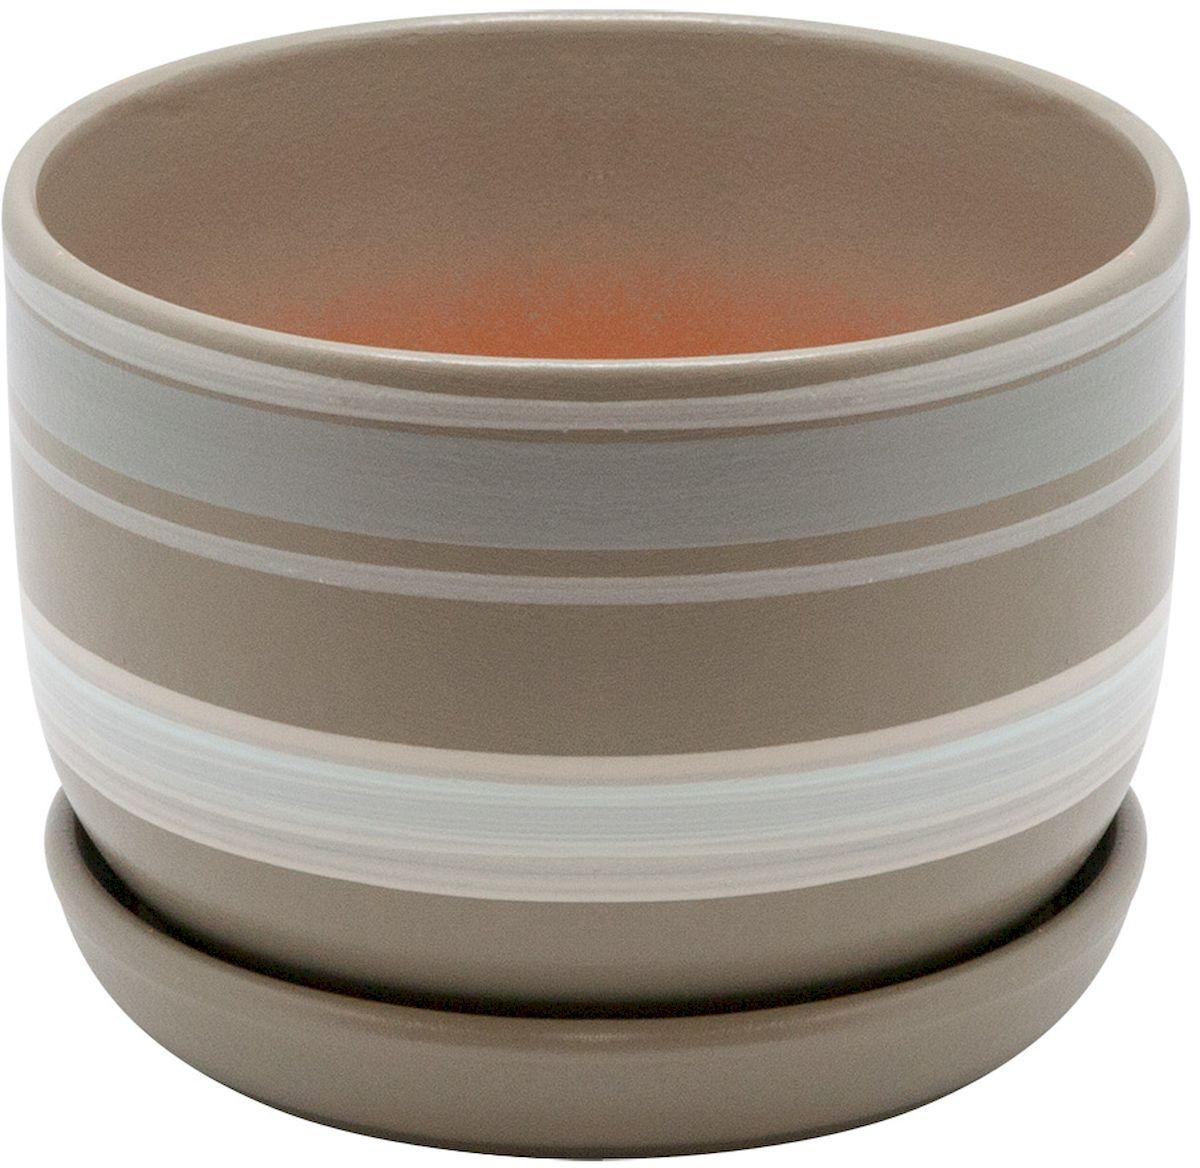 Горшок цветочный Engard, с поддоном, цвет: серый, белый, 1,65 лBH-18-5Керамический горшок Engard - это идеальное решение для выращивания комнатных растений и создания изысканности в интерьере. Керамический горшок сделан из высококачественной глины в классической форме и оригинальном дизайне.Объем: 1,65 л.